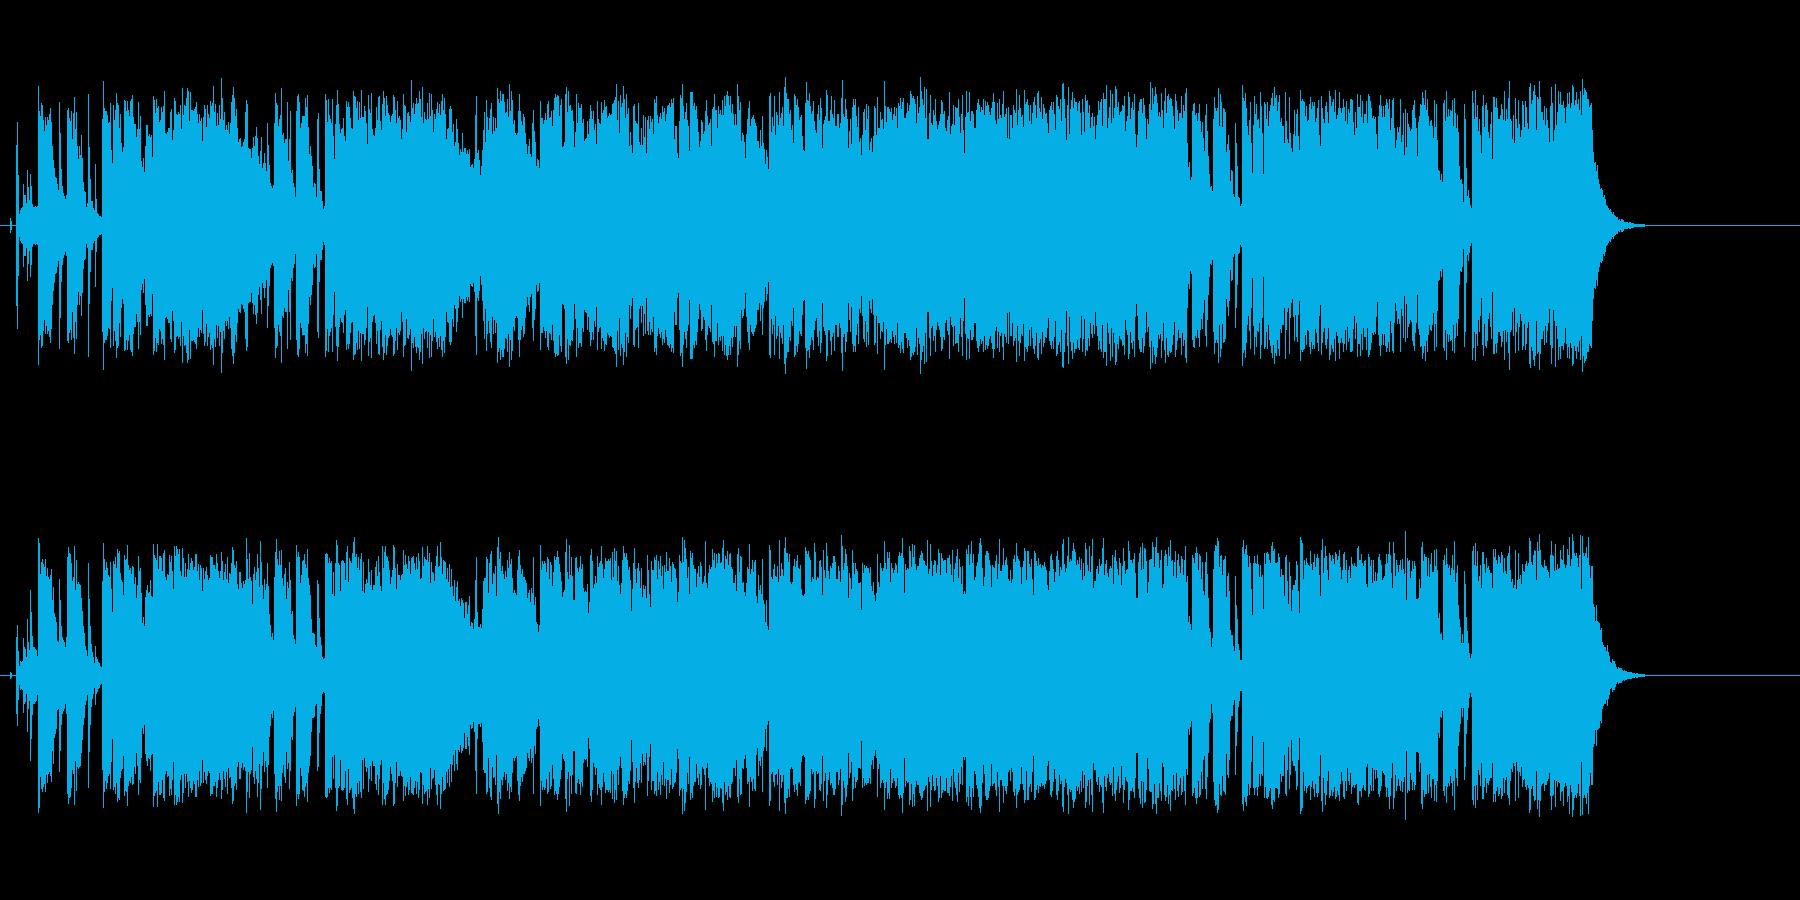 ピュアでストレートなポップスの再生済みの波形